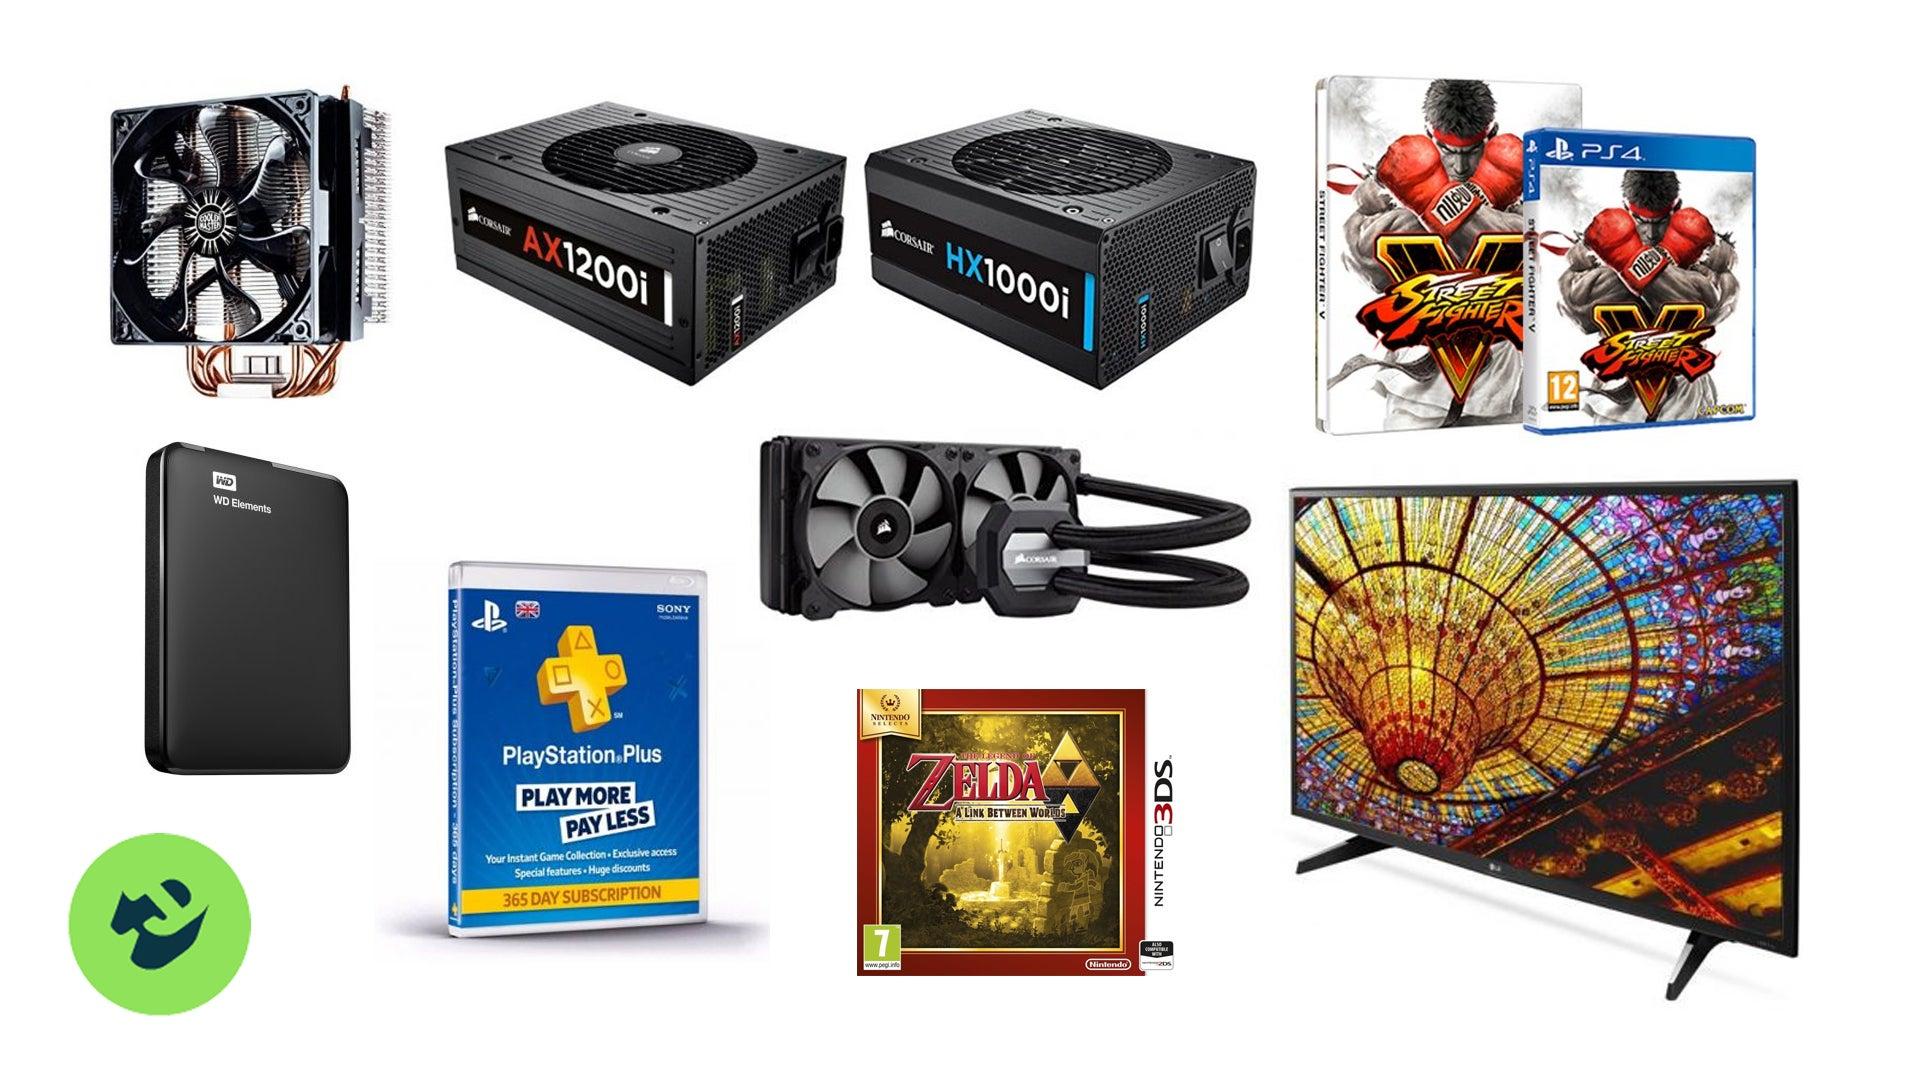 Image for This week's best games deals: Zelda, Bioshock, Uncharted 4, Doom and more